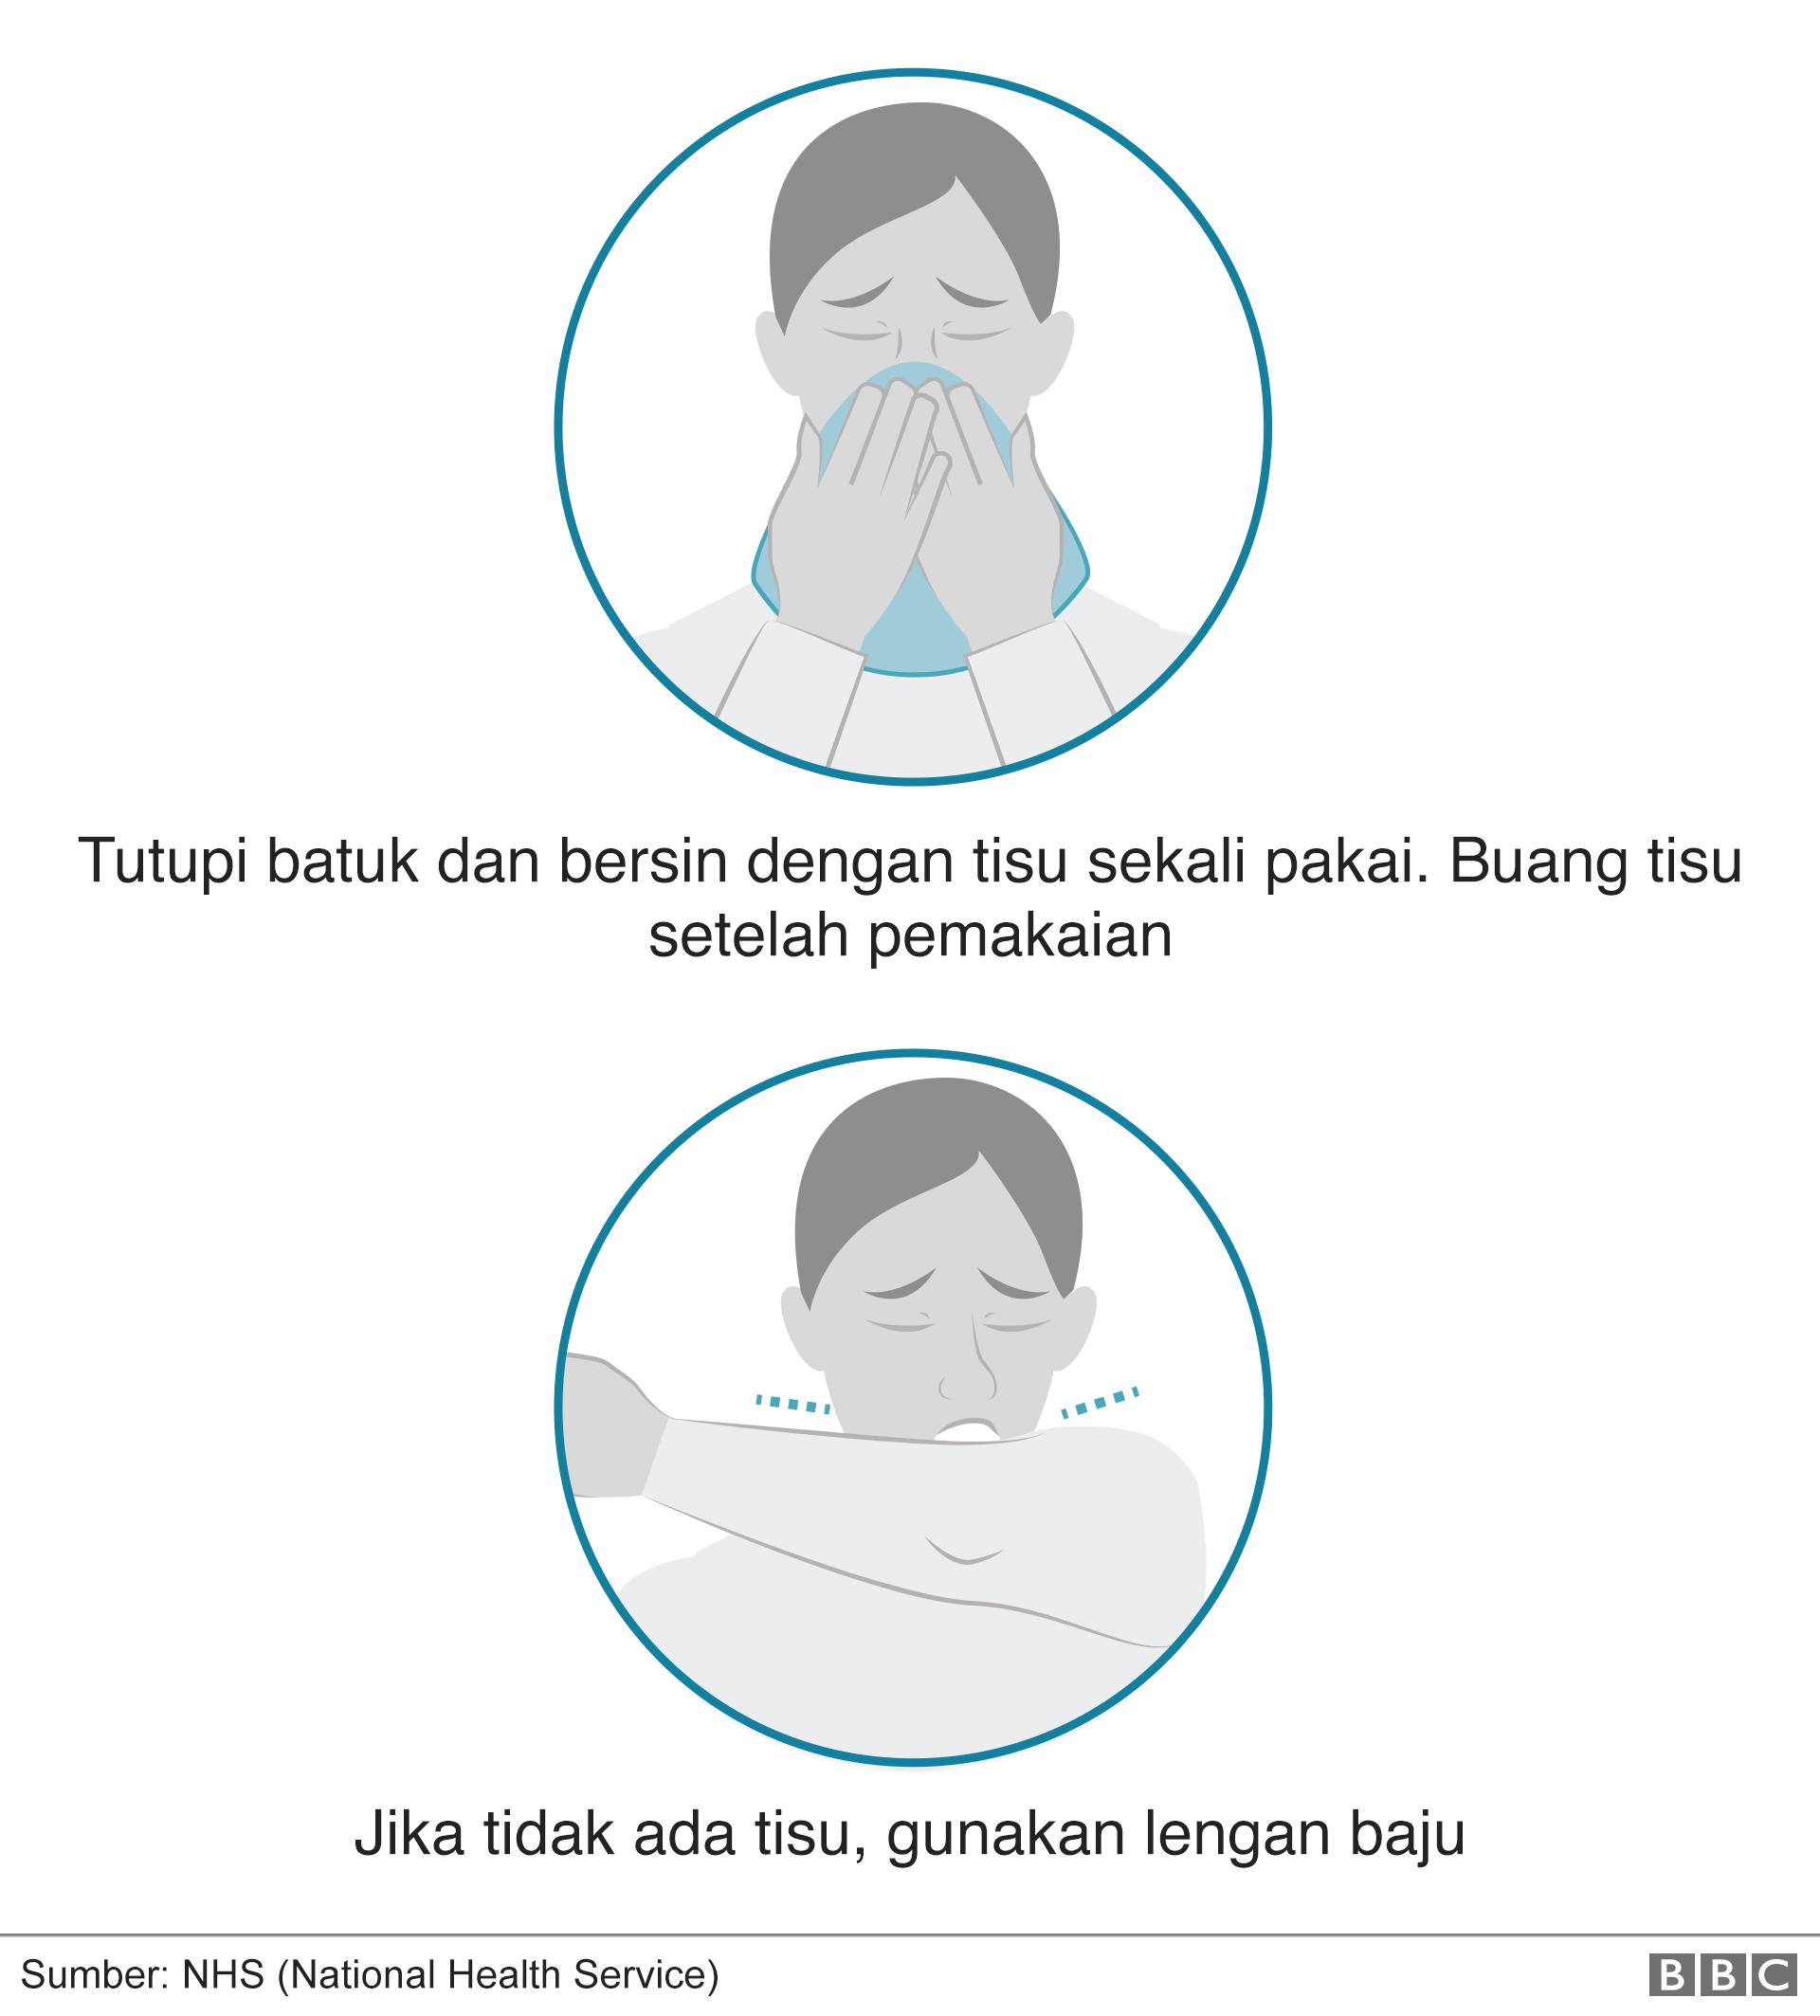 virus corona tips terlindung dari covid 19 dan mencegah penyebaran sesuai petunjuk who bbc news indonesia virus corona tips terlindung dari